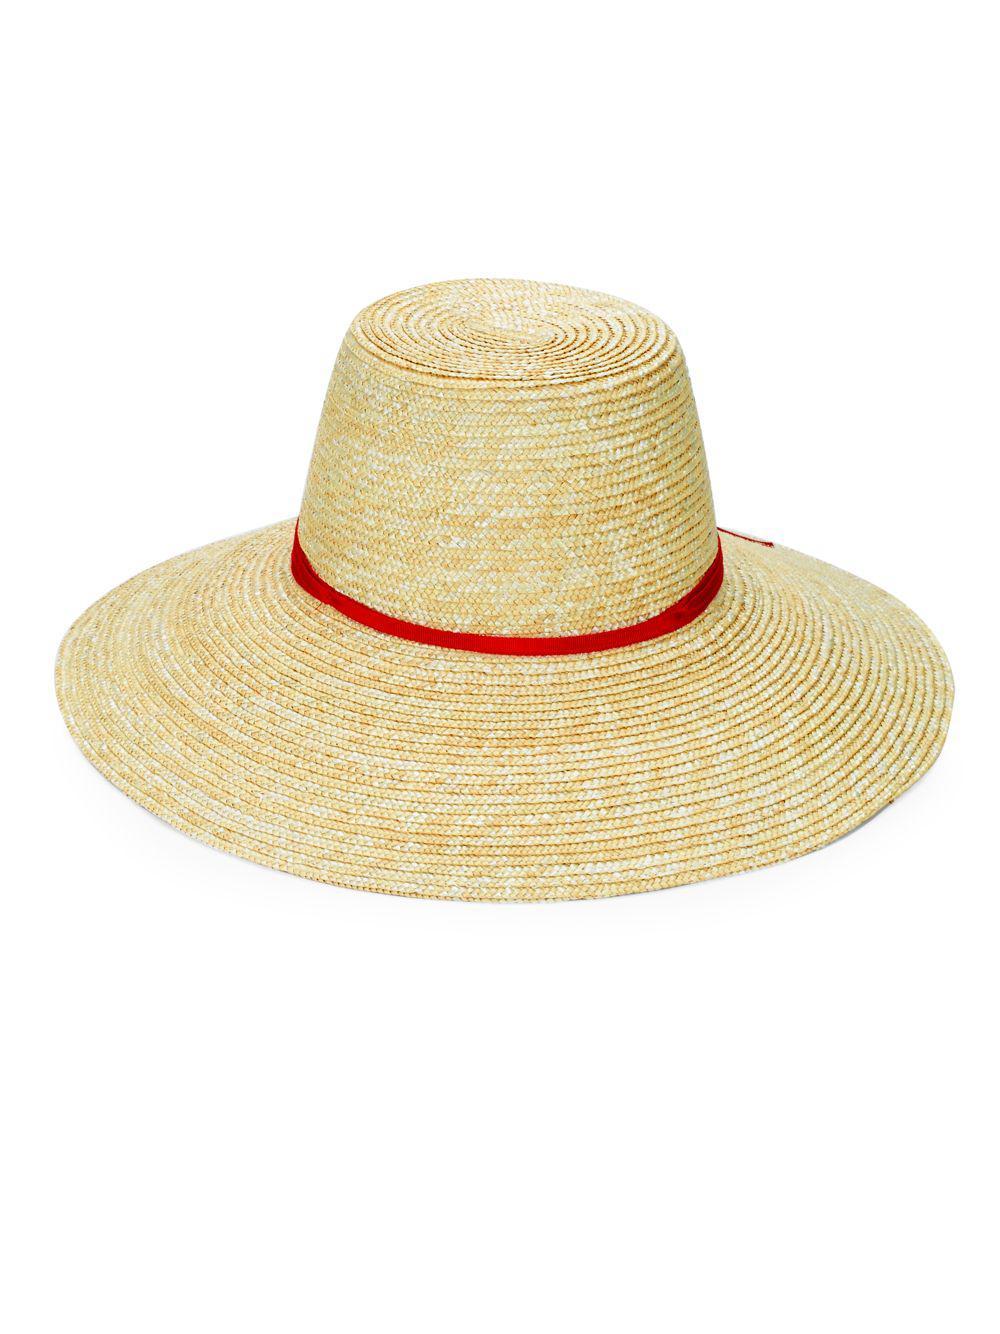 726c22c196f Lyst - Gottex Cote Dazur Straw Hat in Natural